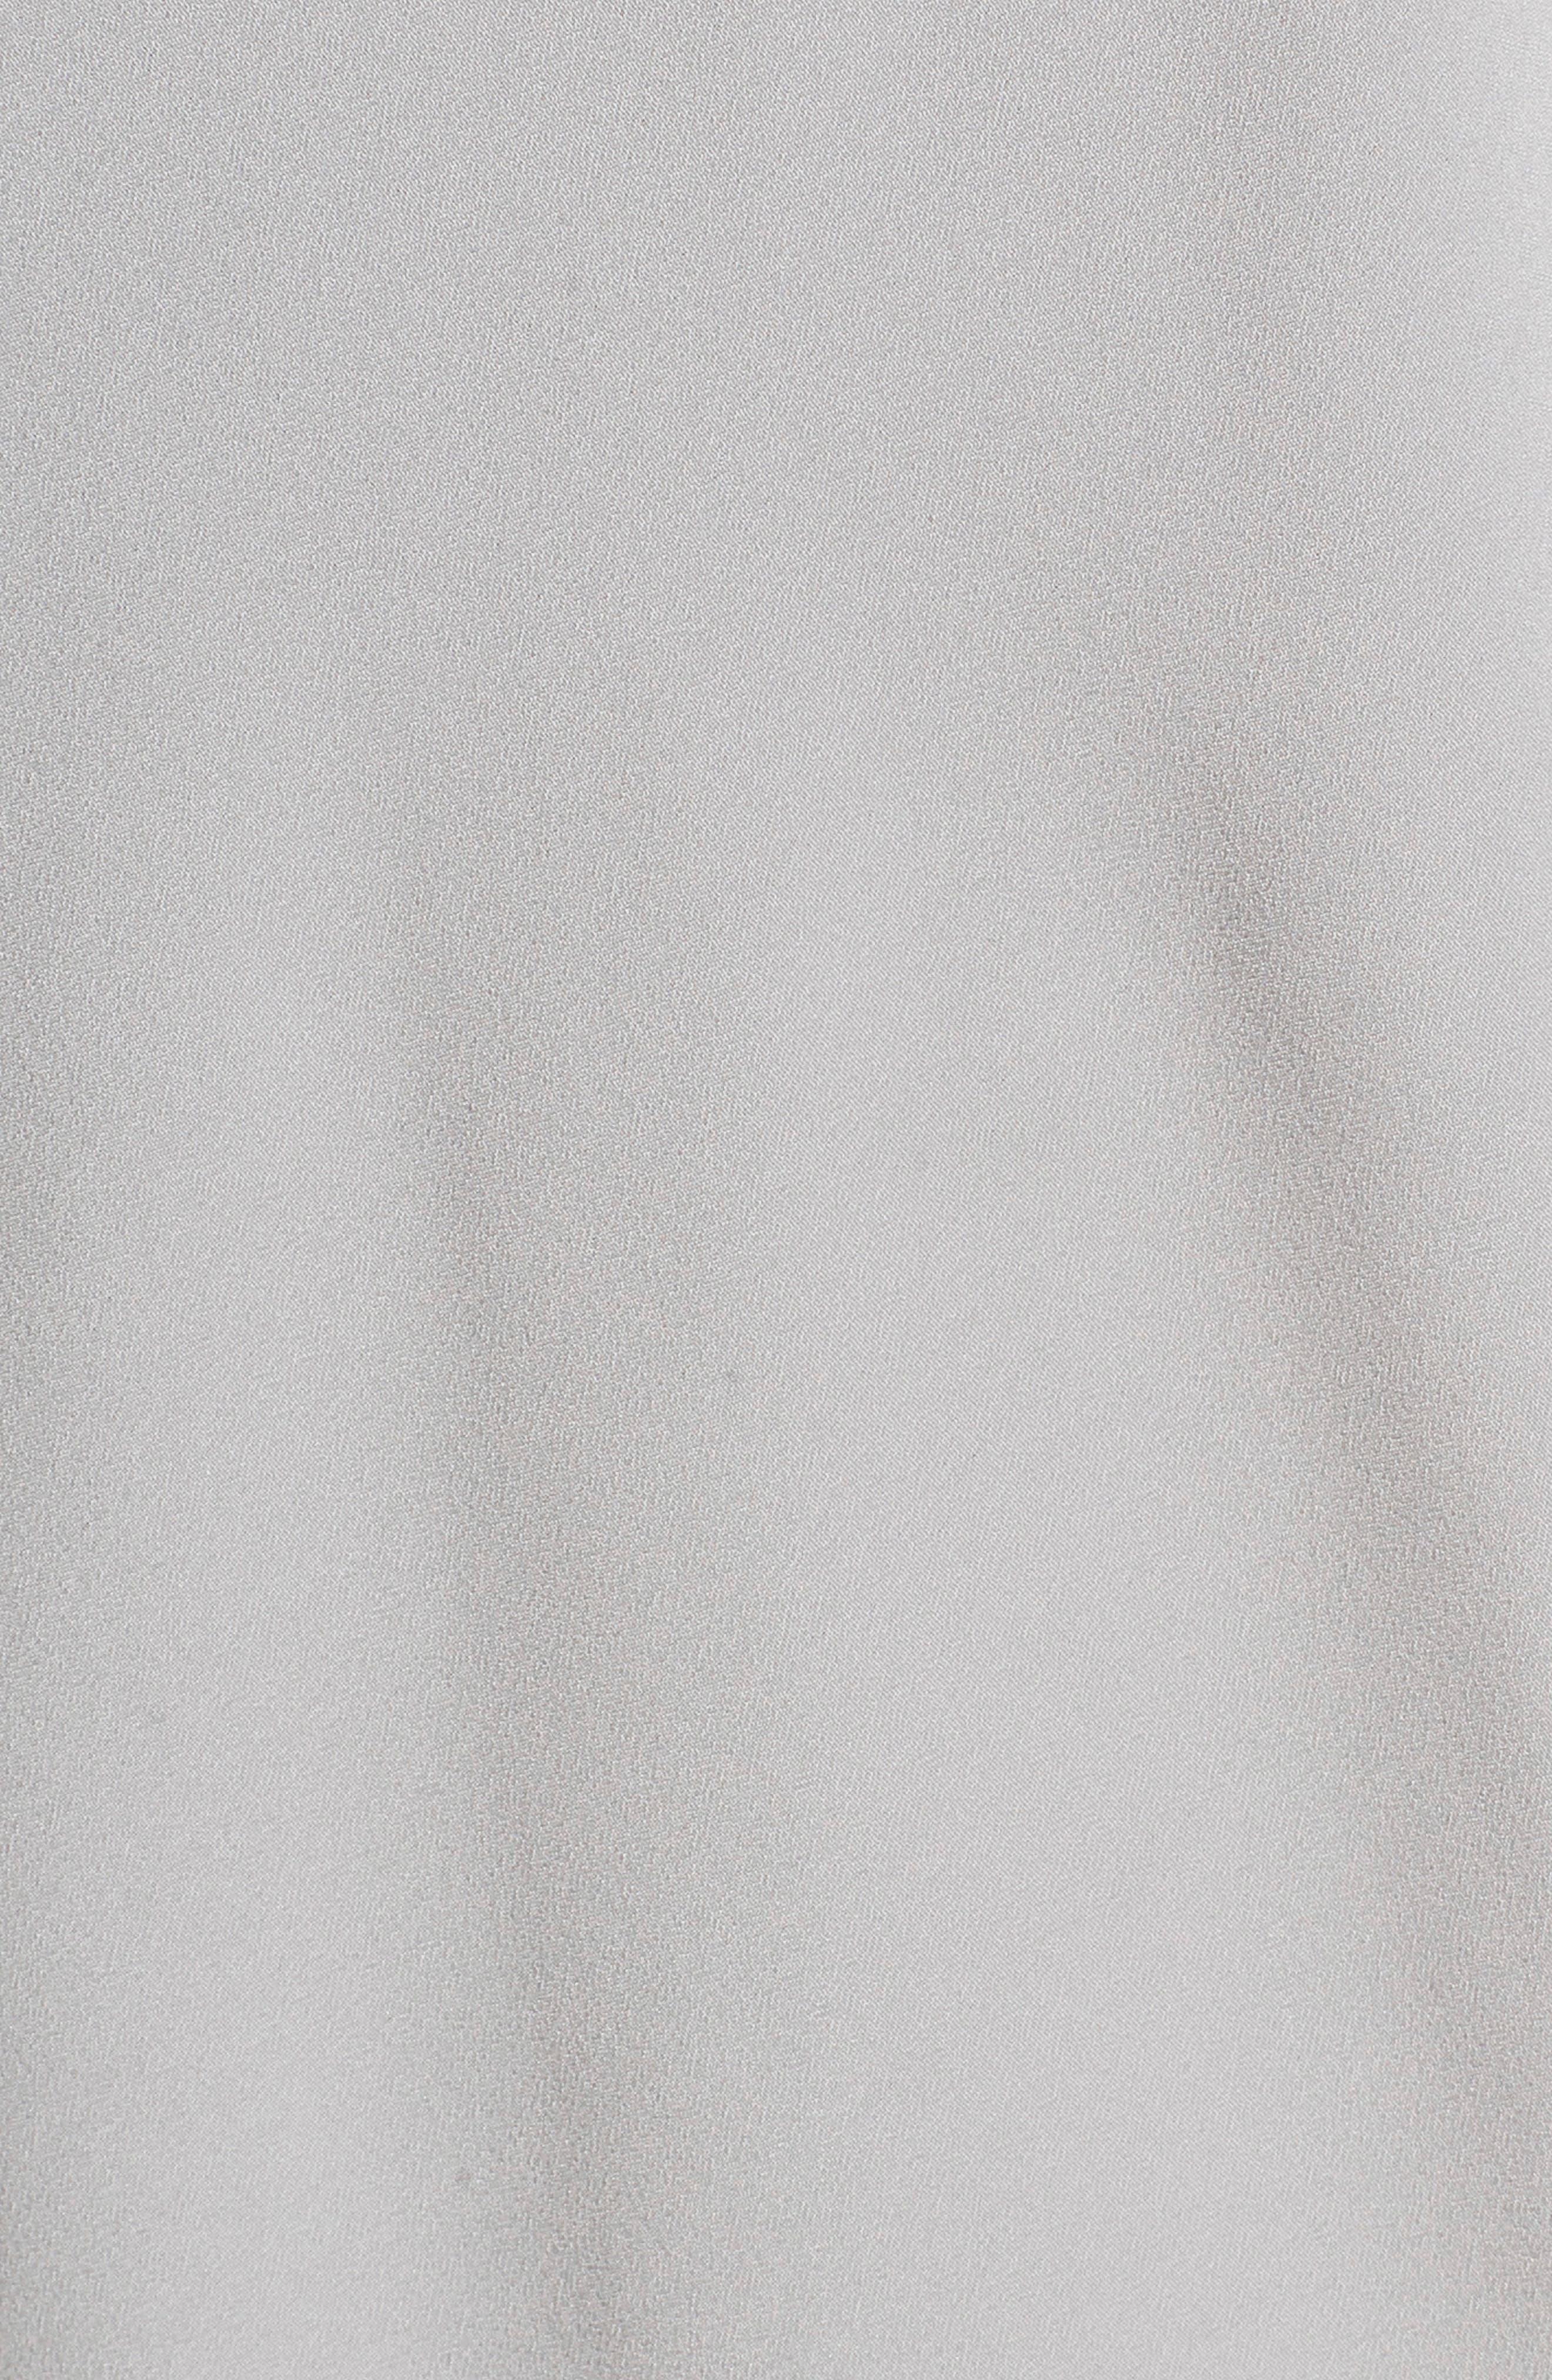 Bias Cut Asymmetrical Dress,                             Alternate thumbnail 6, color,